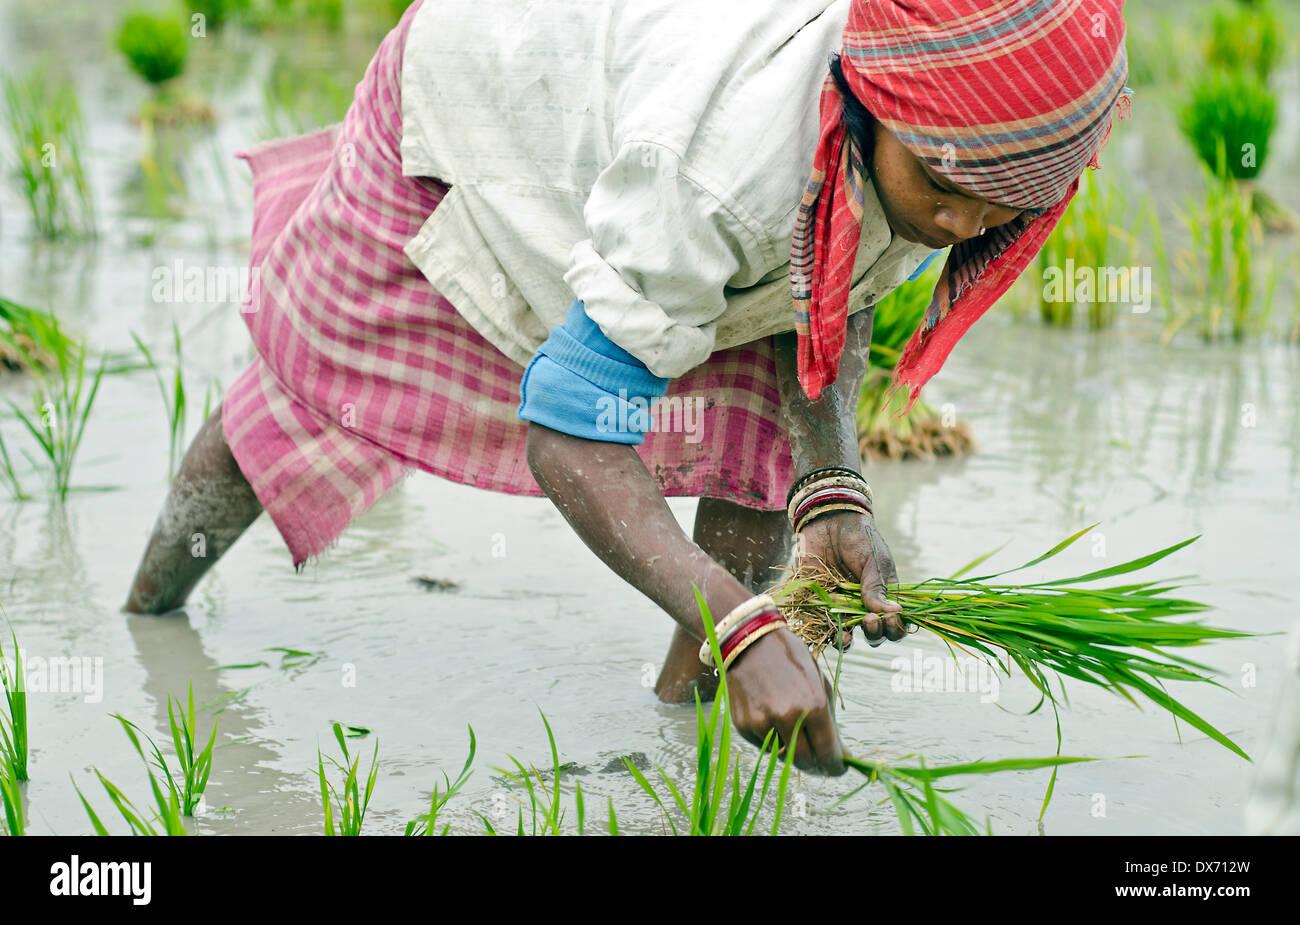 Plantación de arroz,Kamar pará,Bardhman dist. En Bengala occidental, India Foto de stock